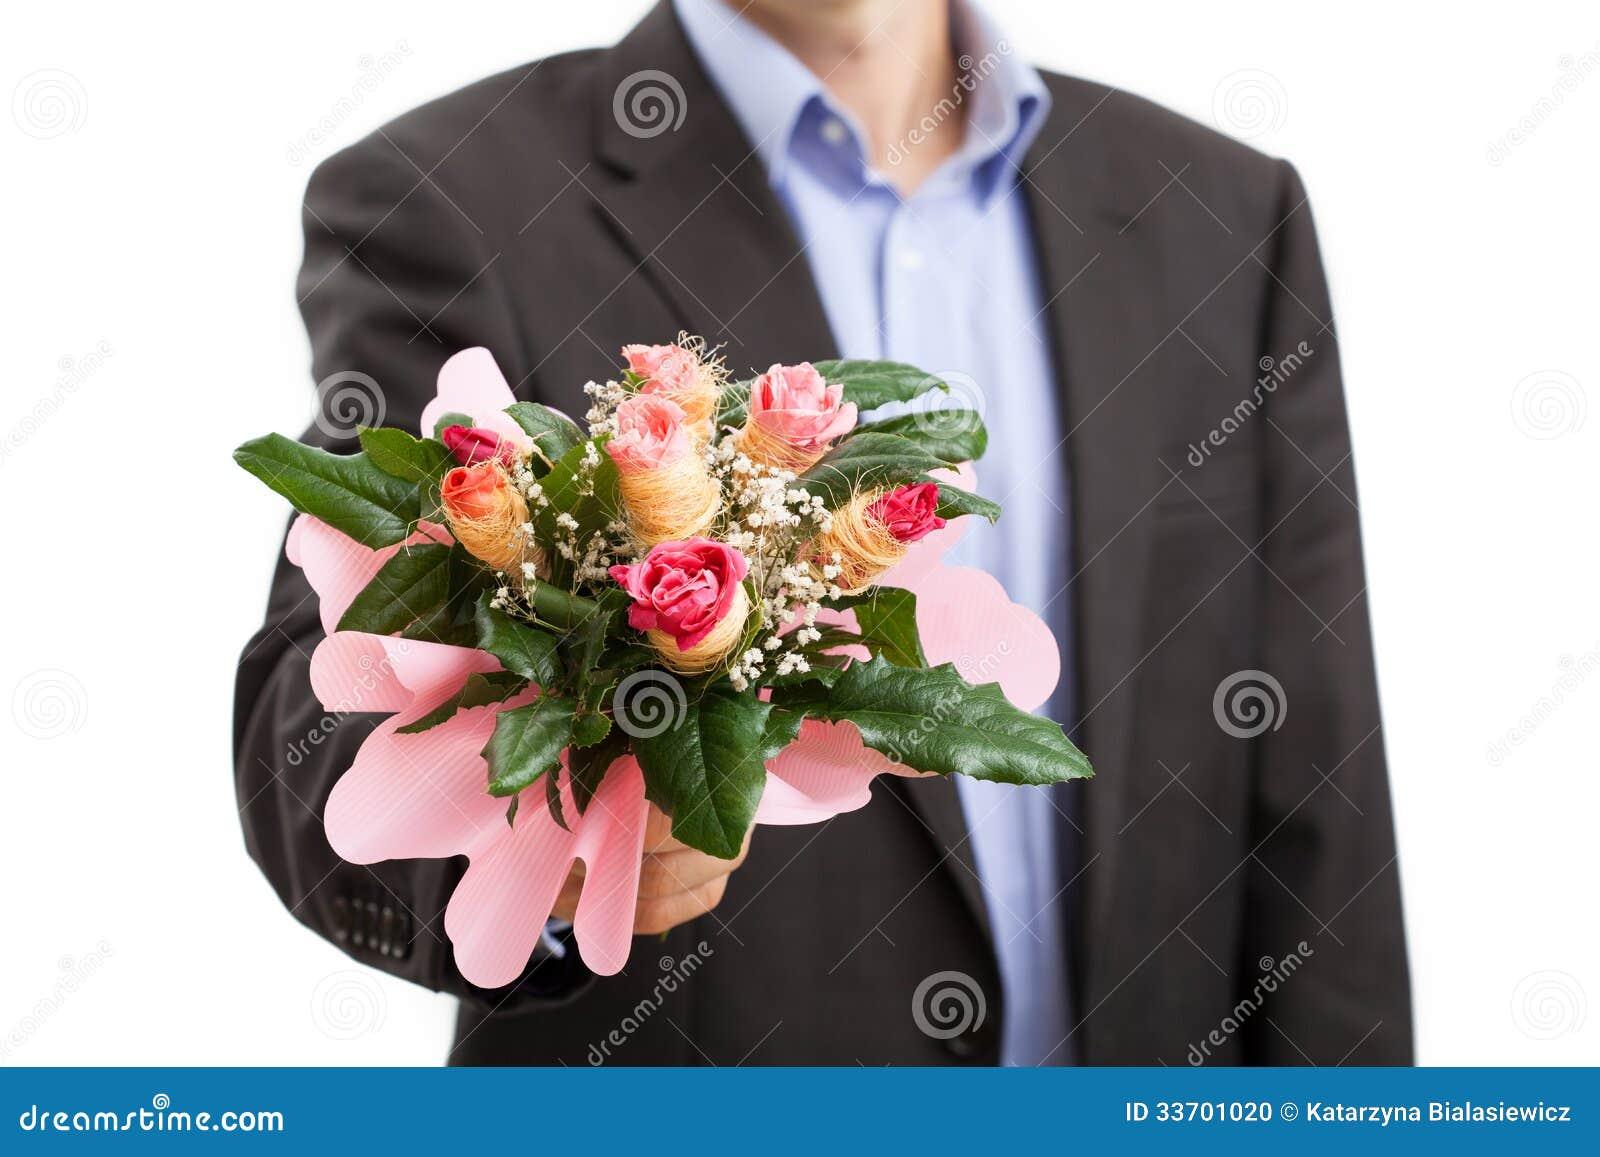 Man with bouquet of flowers stock photo image 33701020 for Bouquet de fleurs homme